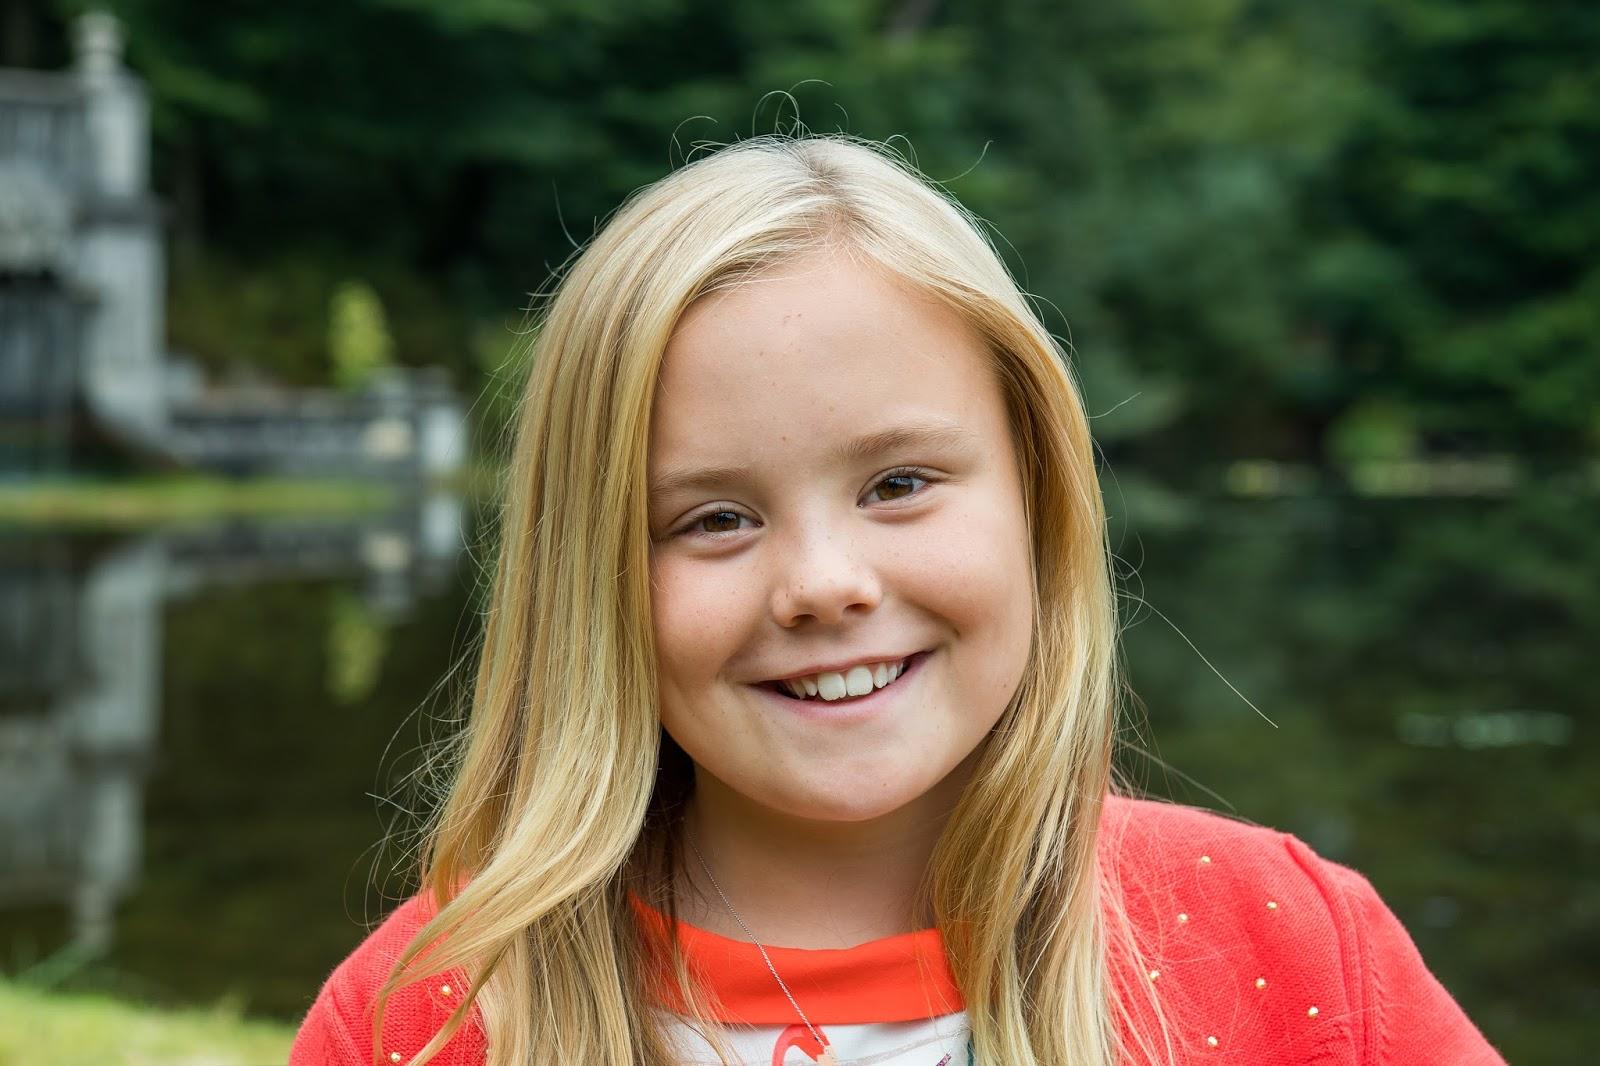 Fotos de la princesa amalia de holanda 39